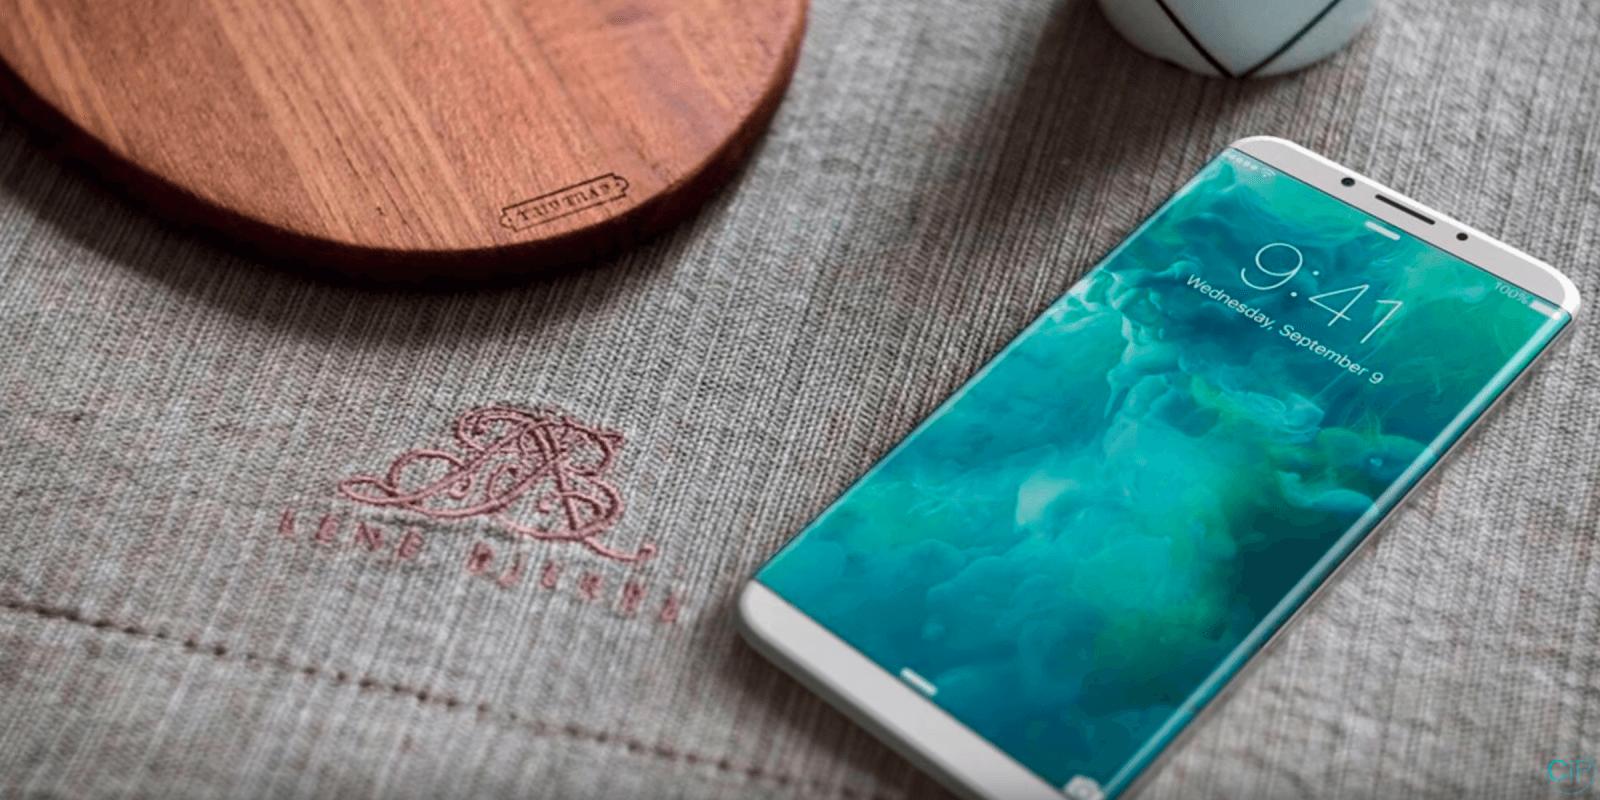 Apple нужно раскошелиться чтобы продажи iPhone 8 стартовали в назначенное время